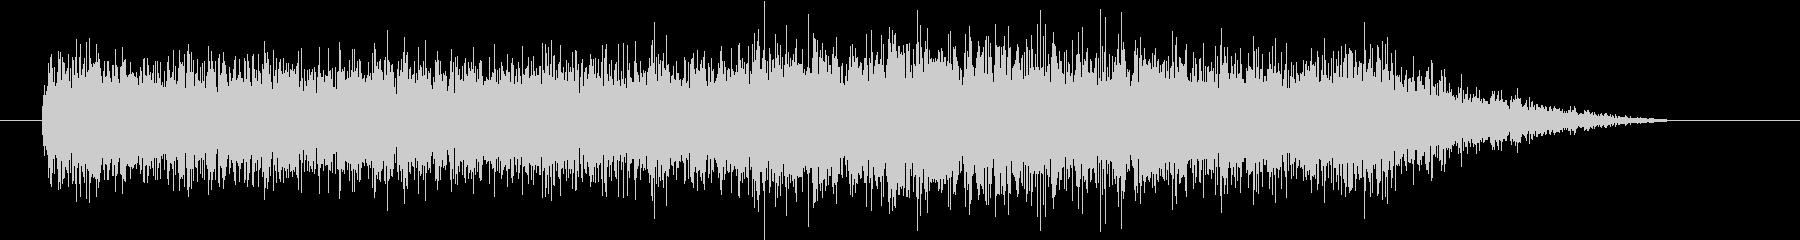 スプレー缶♪「シューッ」【効果音】の未再生の波形